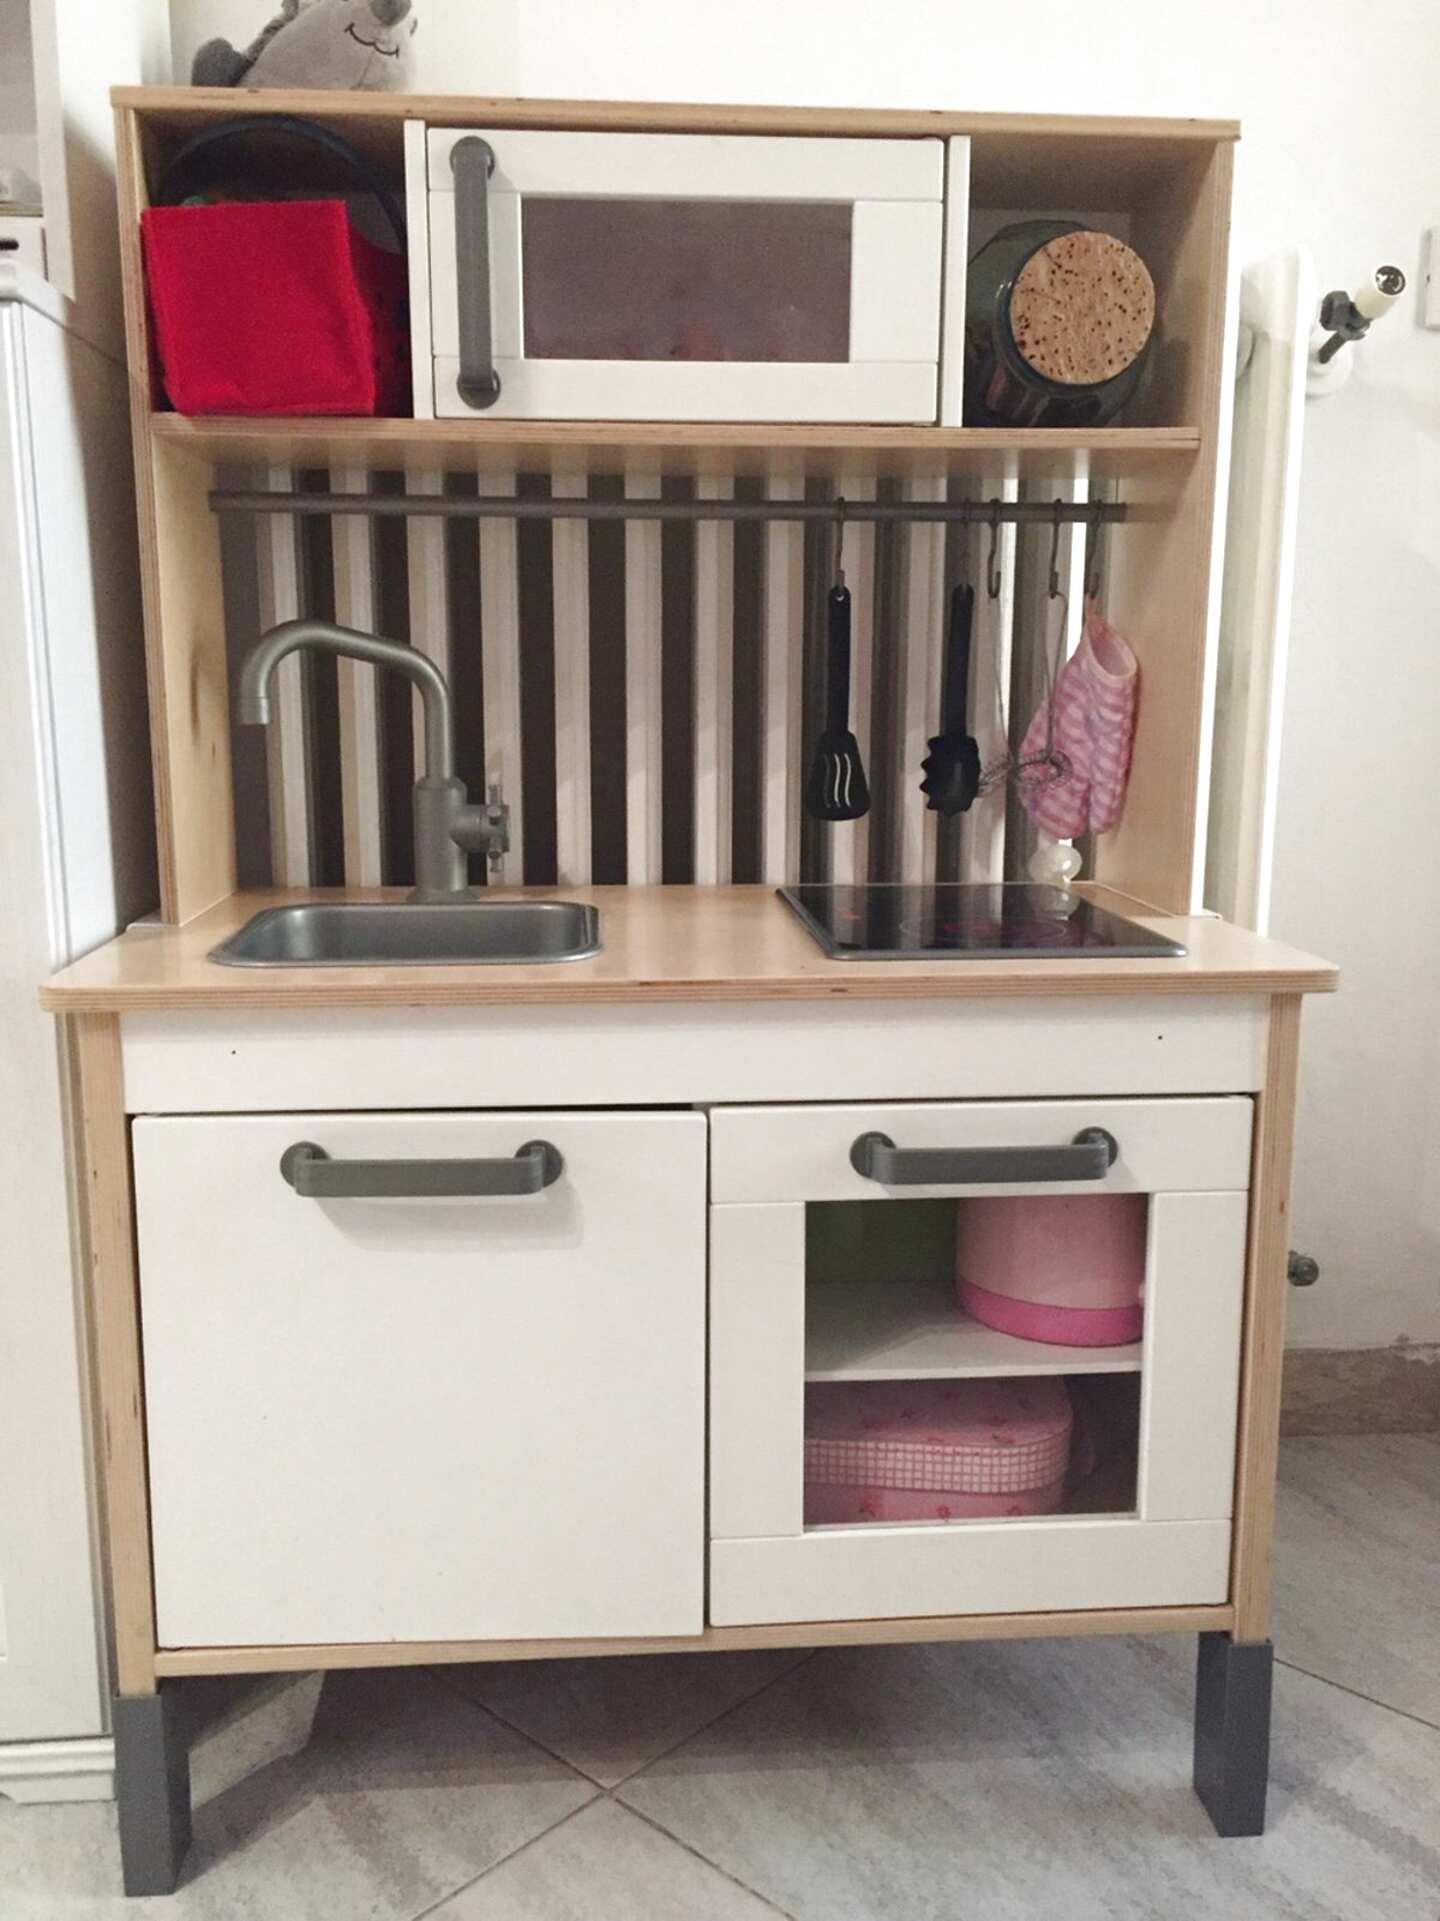 Mensole Ikea Cucina Prezzi leomark cucina grande big vintage retro bianca gio